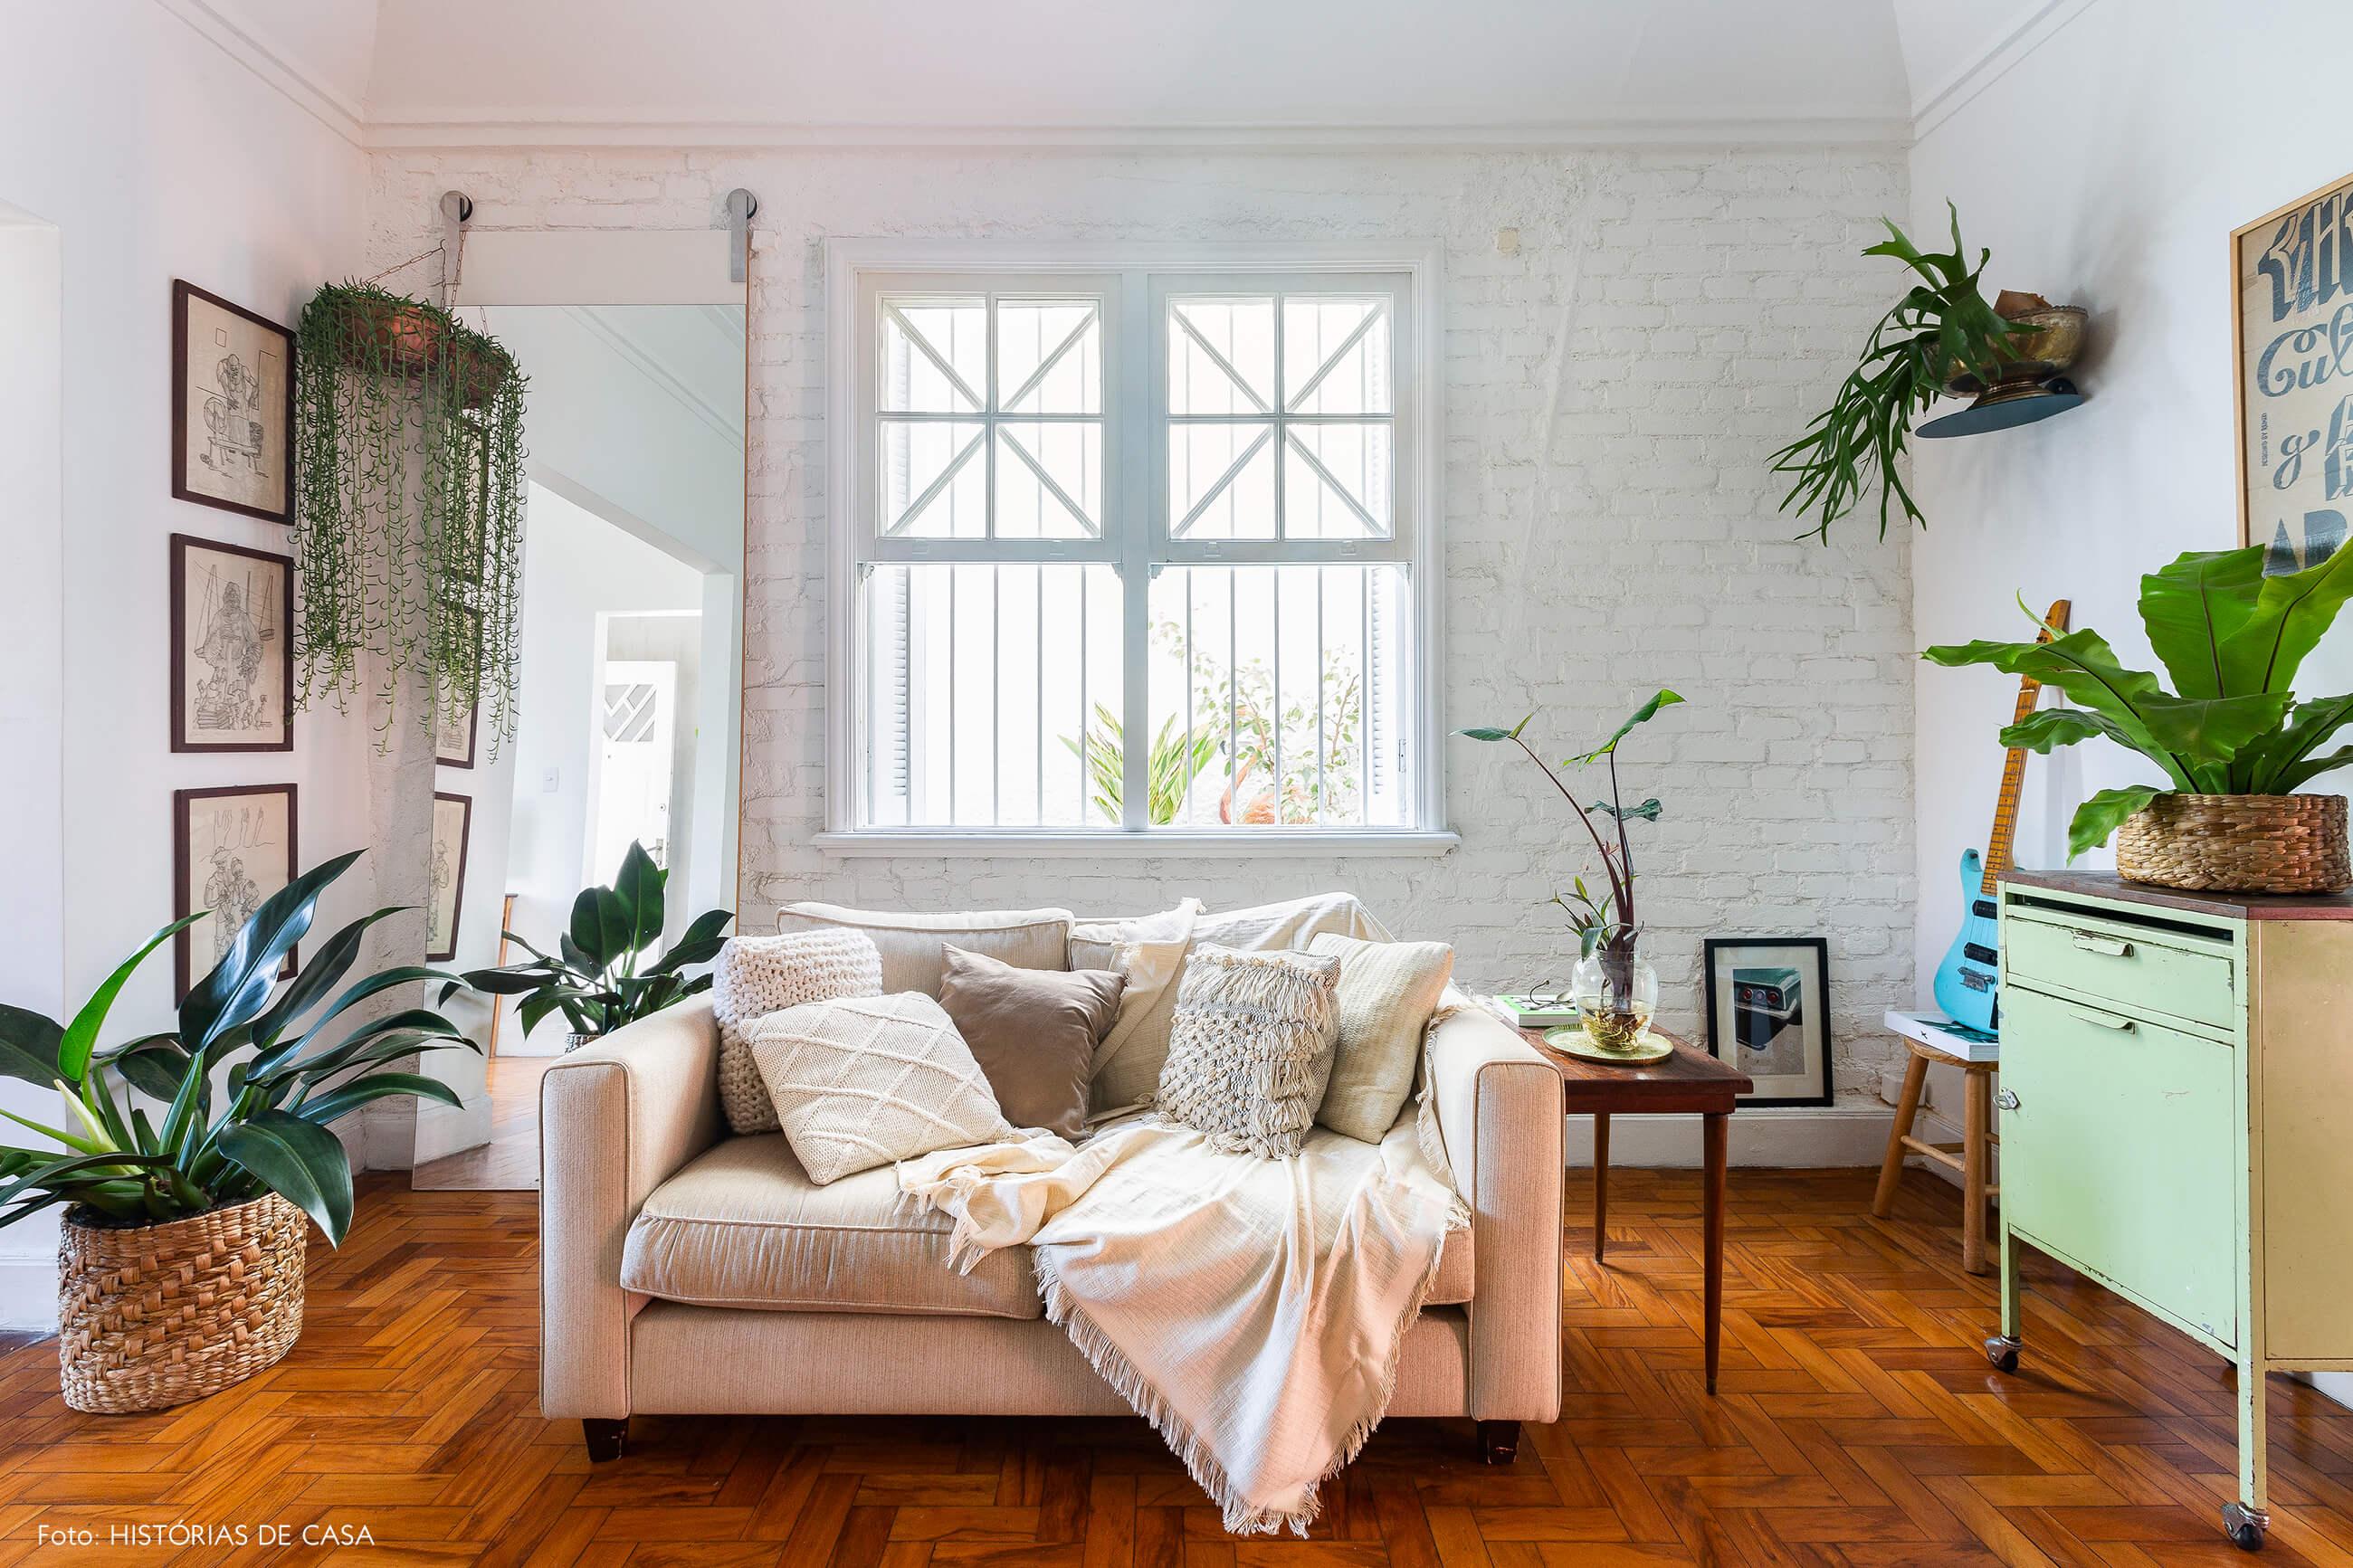 Casa de vila com salas integradas, sofá bege e muitas plantas